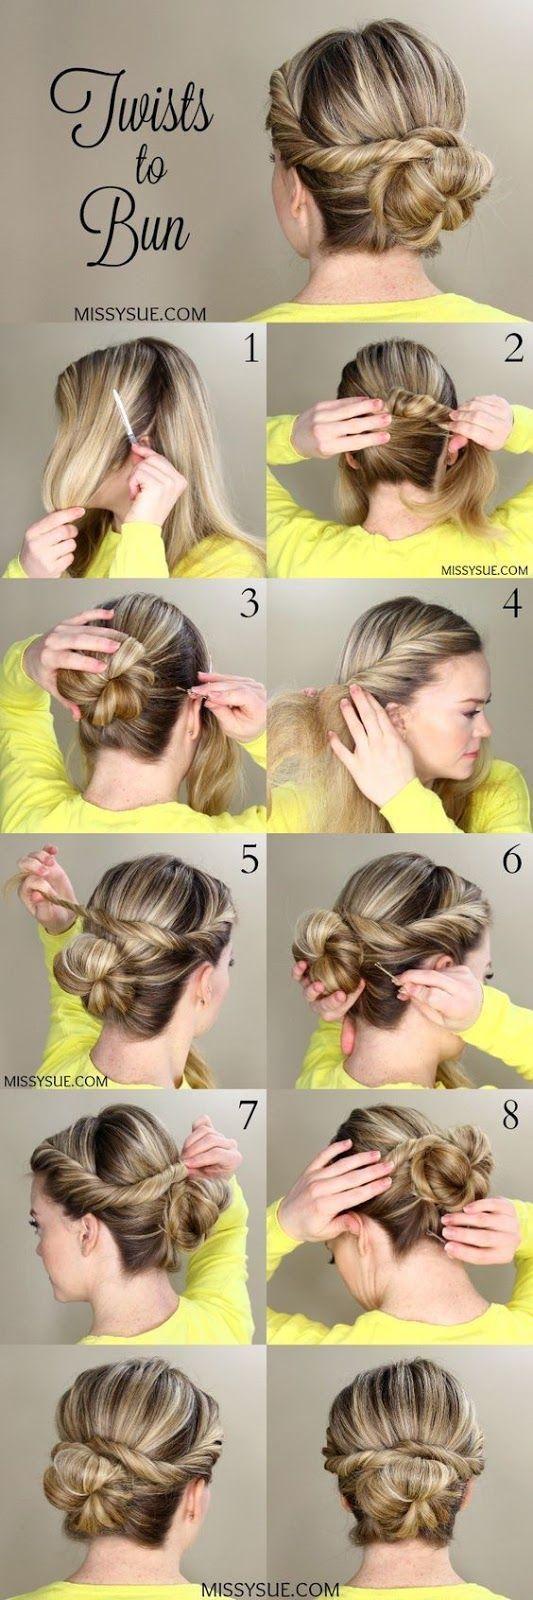 50 + 52 Einfache Frisuren Schritt für Schritt DIY, - Haar Ideen Schritt für Schritt ... - # Haar Ideen Schritt für Schritt